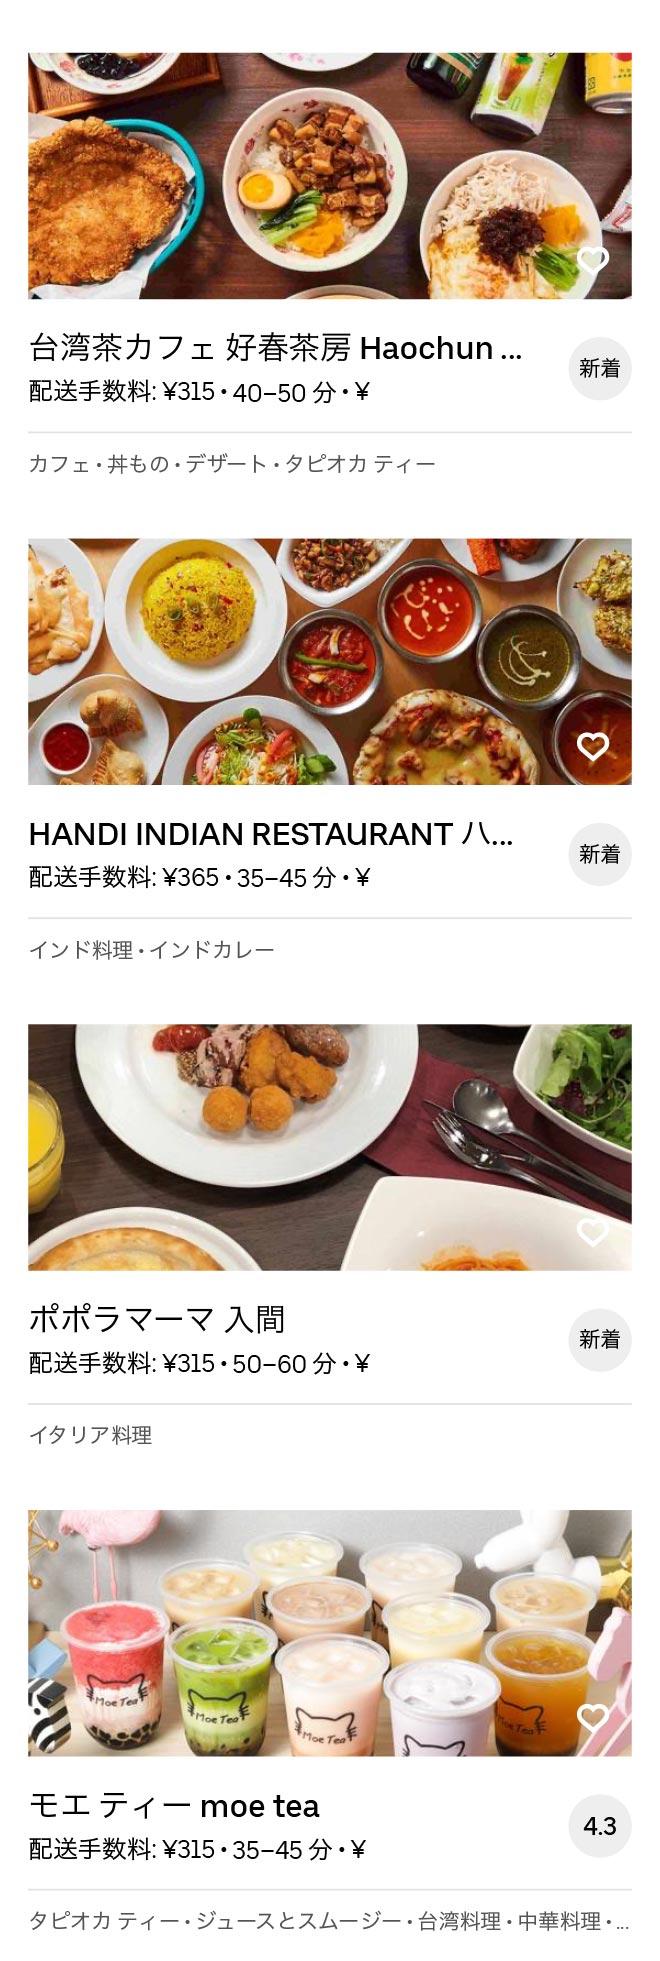 Sayama menu 2010 04